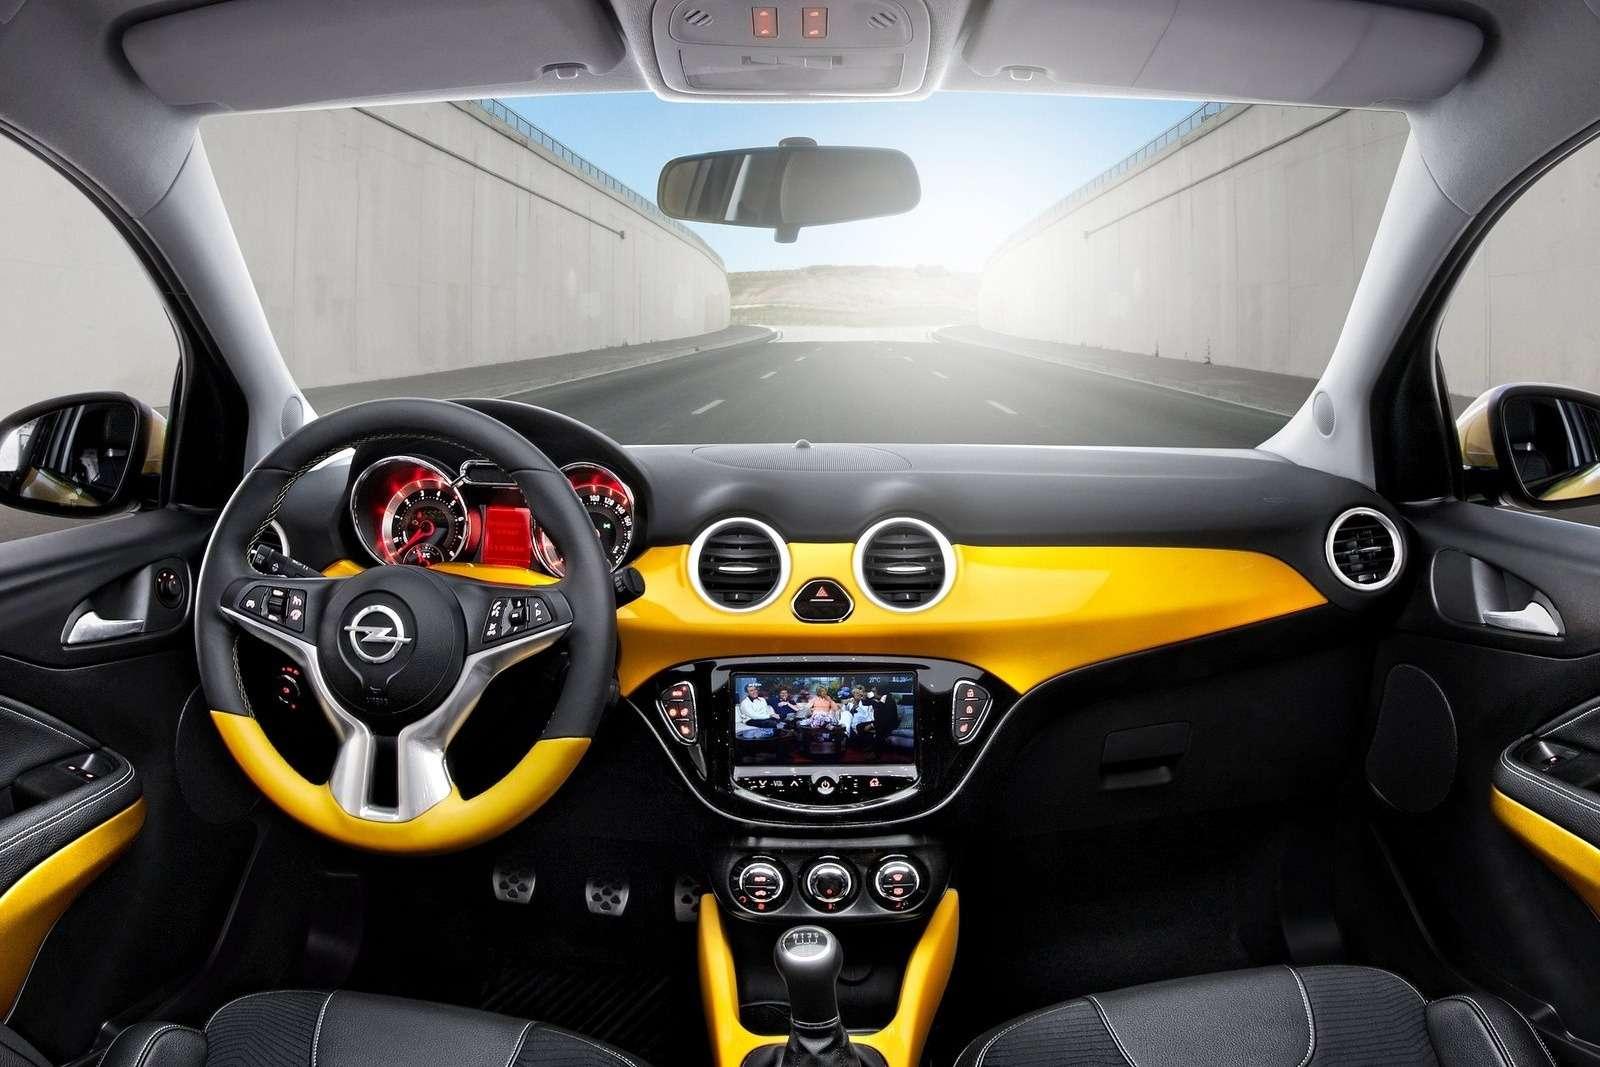 Opel Adam inside